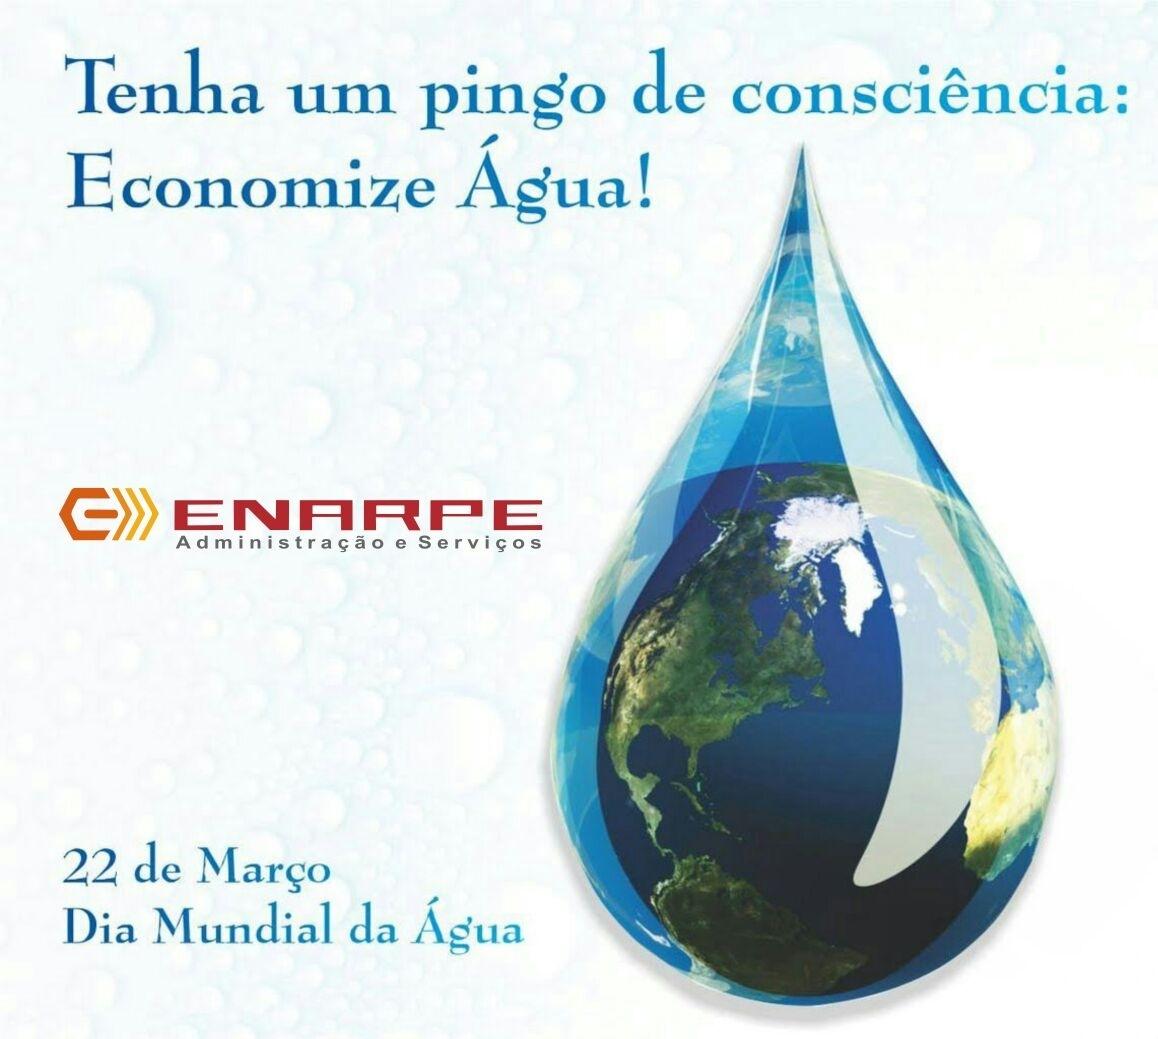 Dia Mundial da Àgua